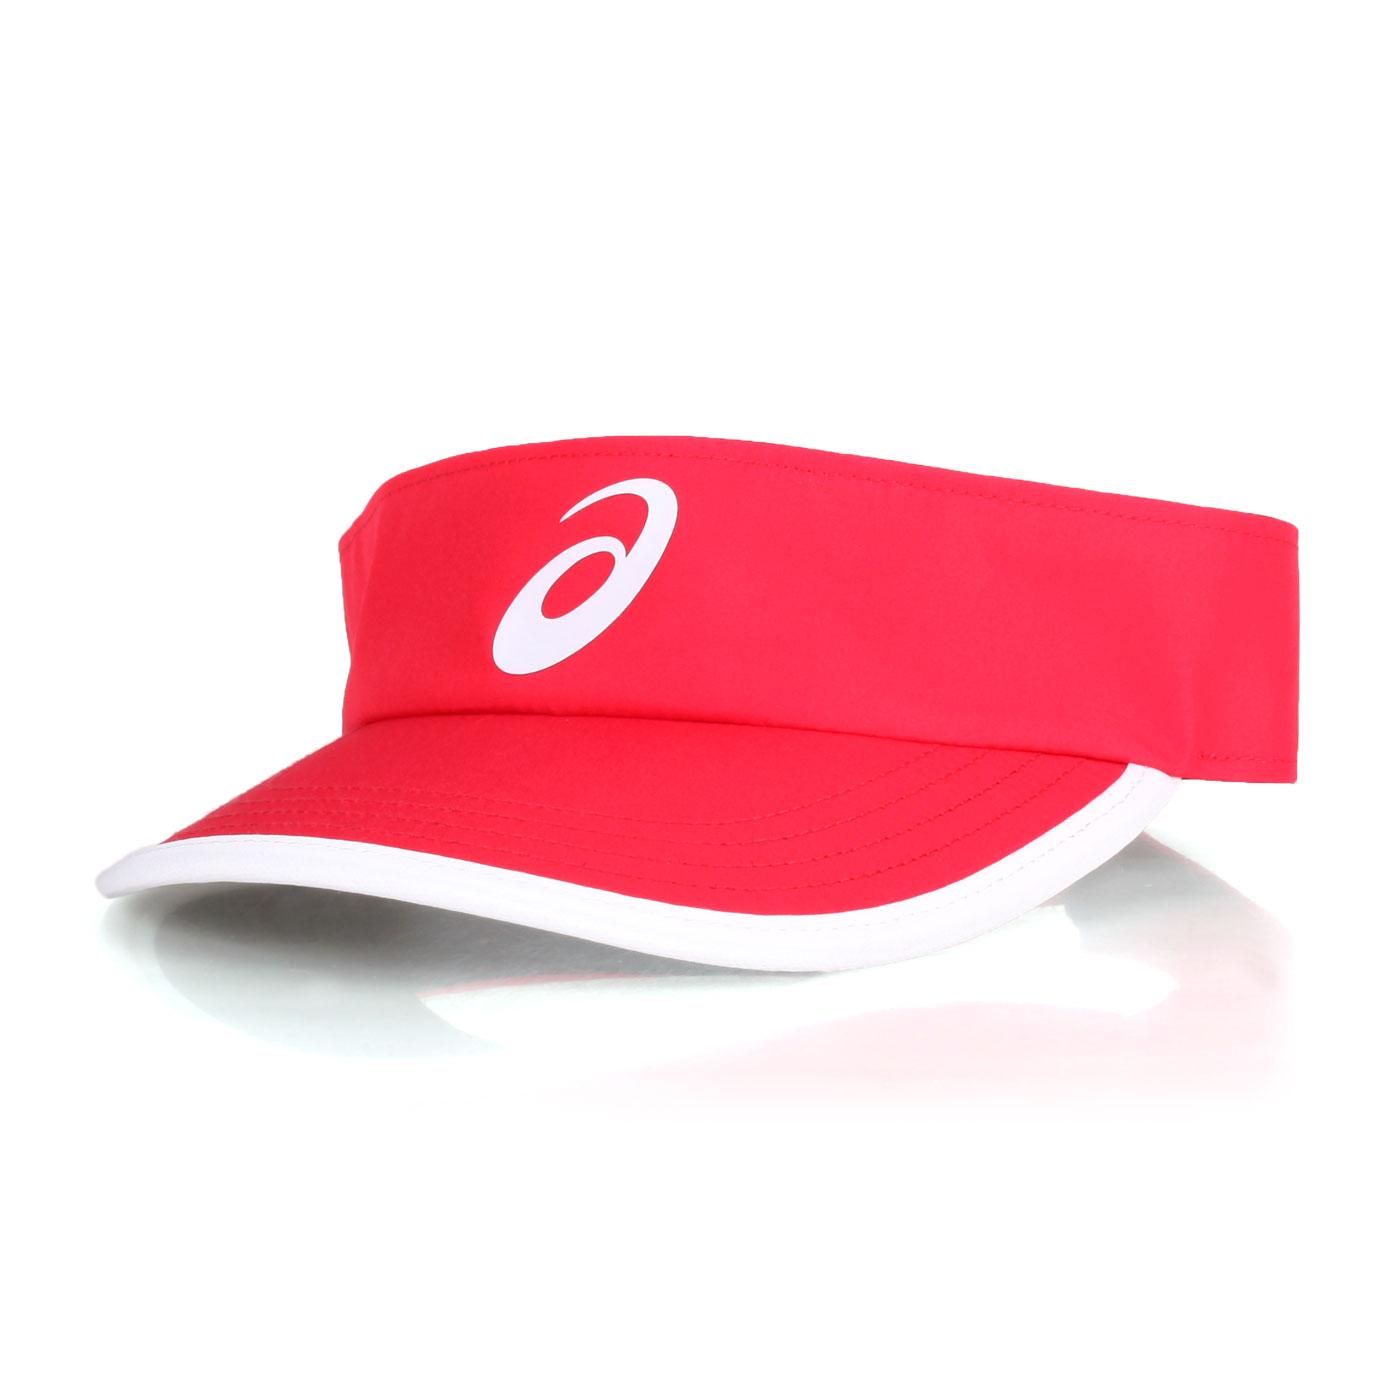 ASICS 遮陽帽 3043A018-100 - 紅白黑